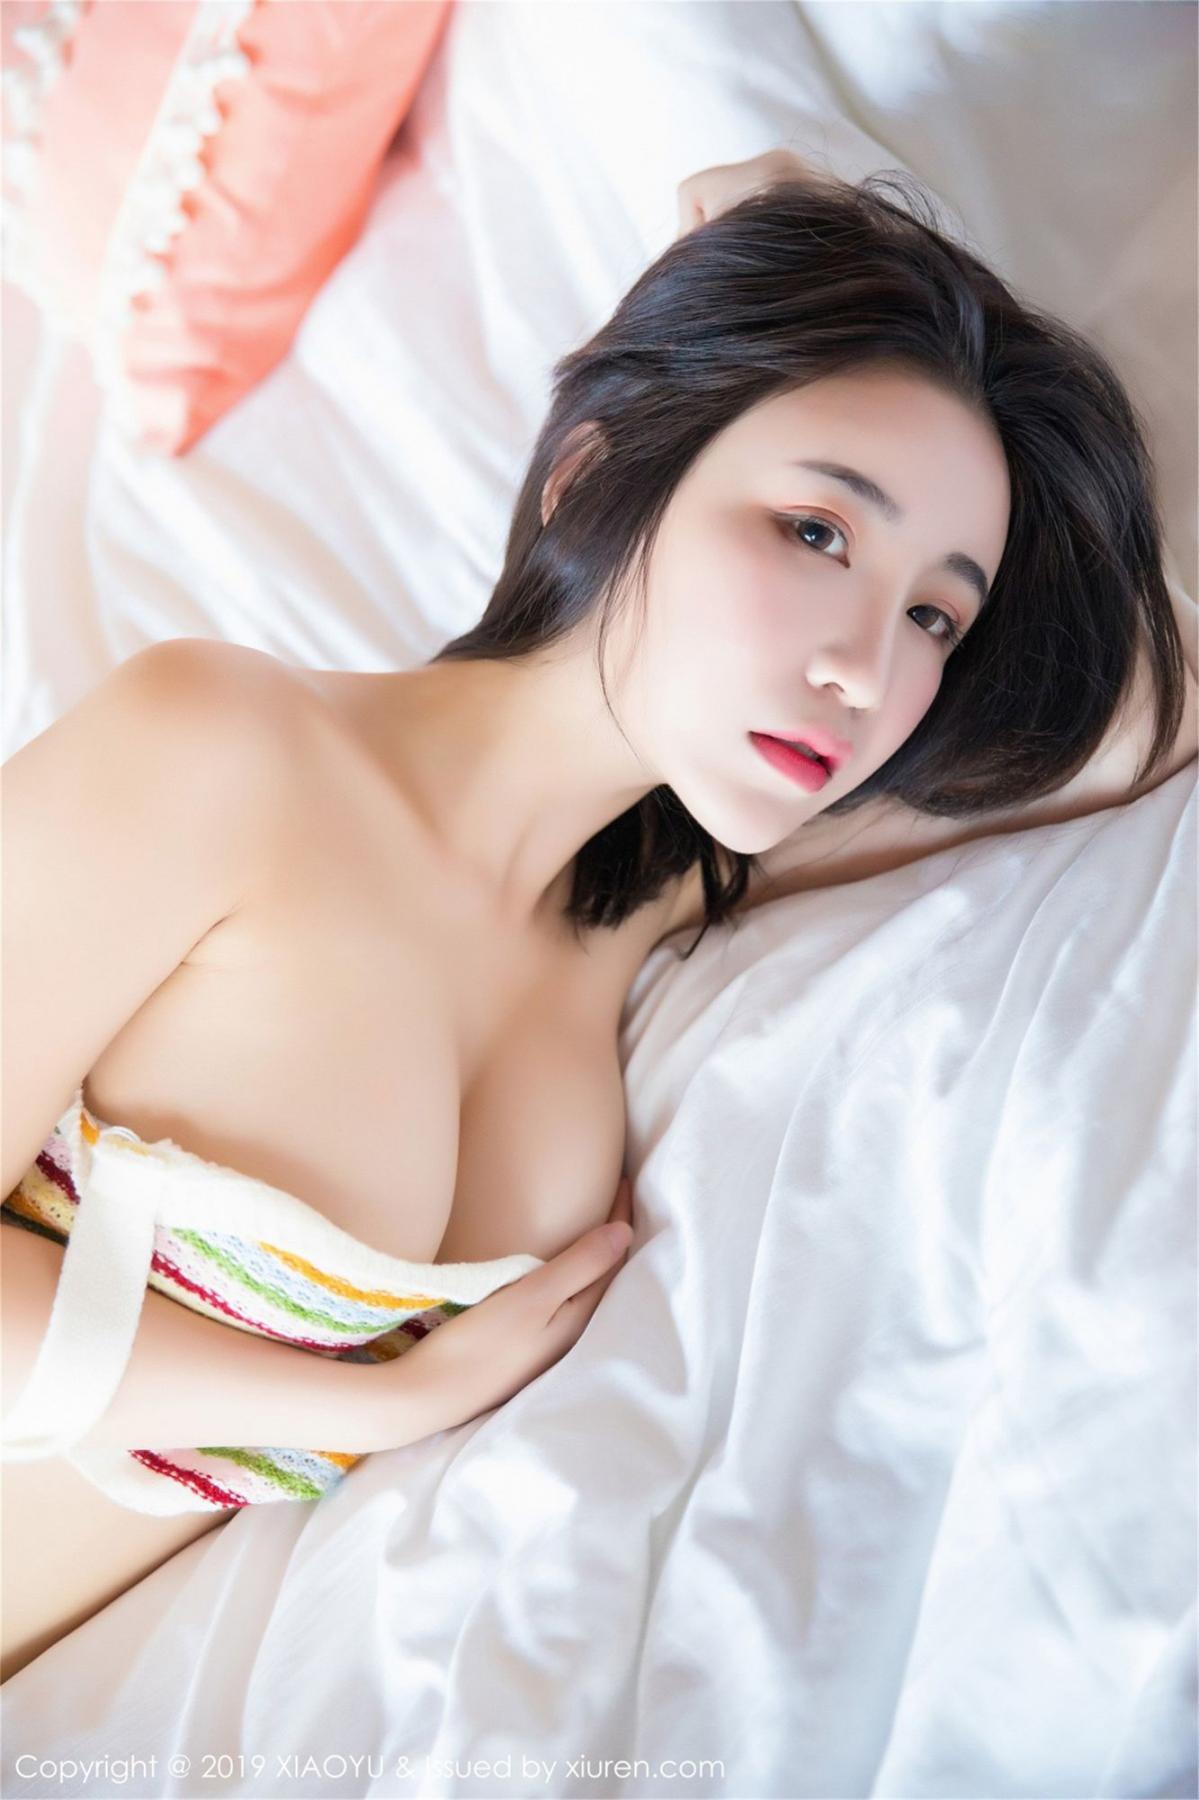 [XiaoYu] Vol.090 Xie Zhi Xin 27P, Home, Underwear, XiaoYu, Xie Zhi Xin